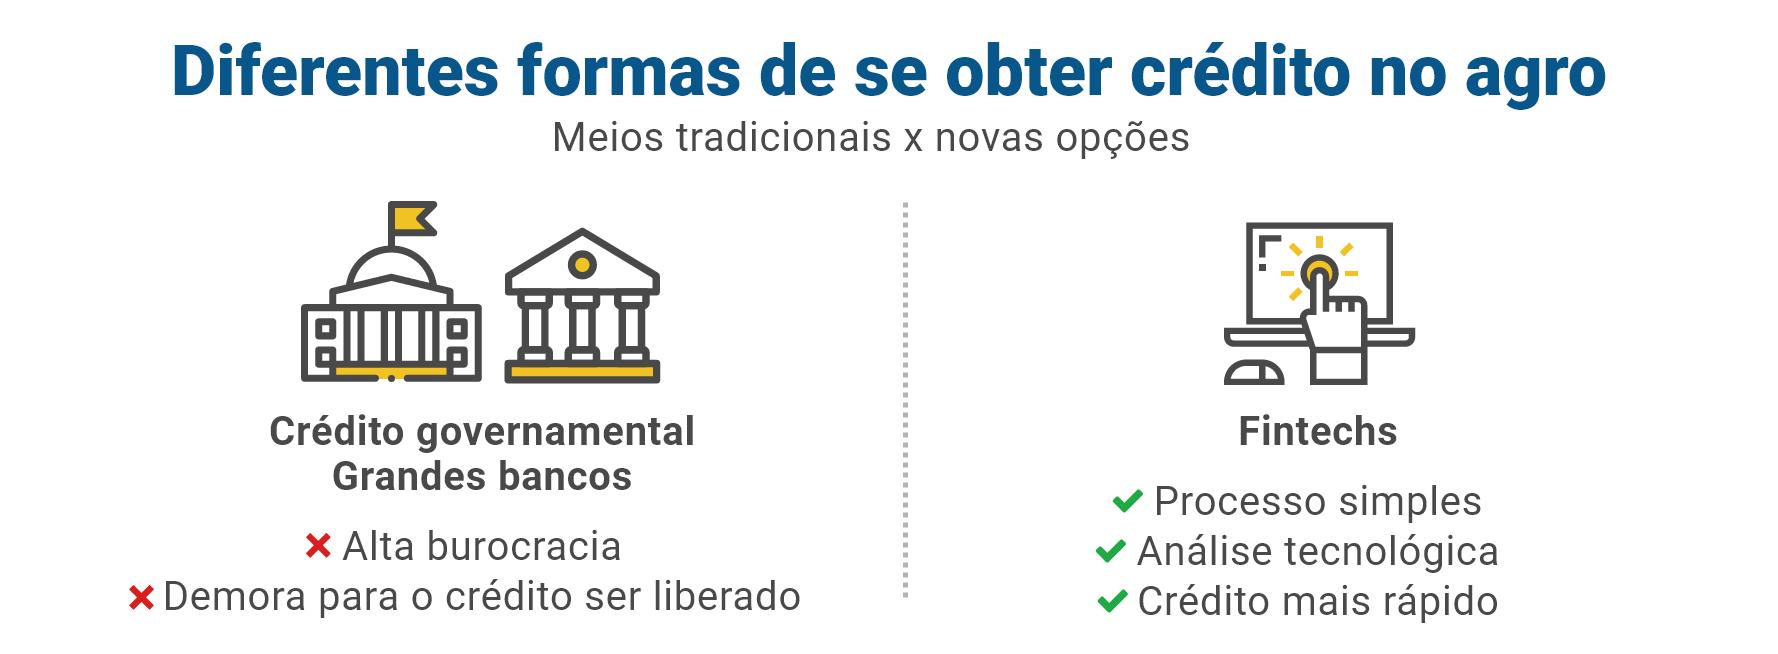 Diferentes formas de se obter crédito no agro